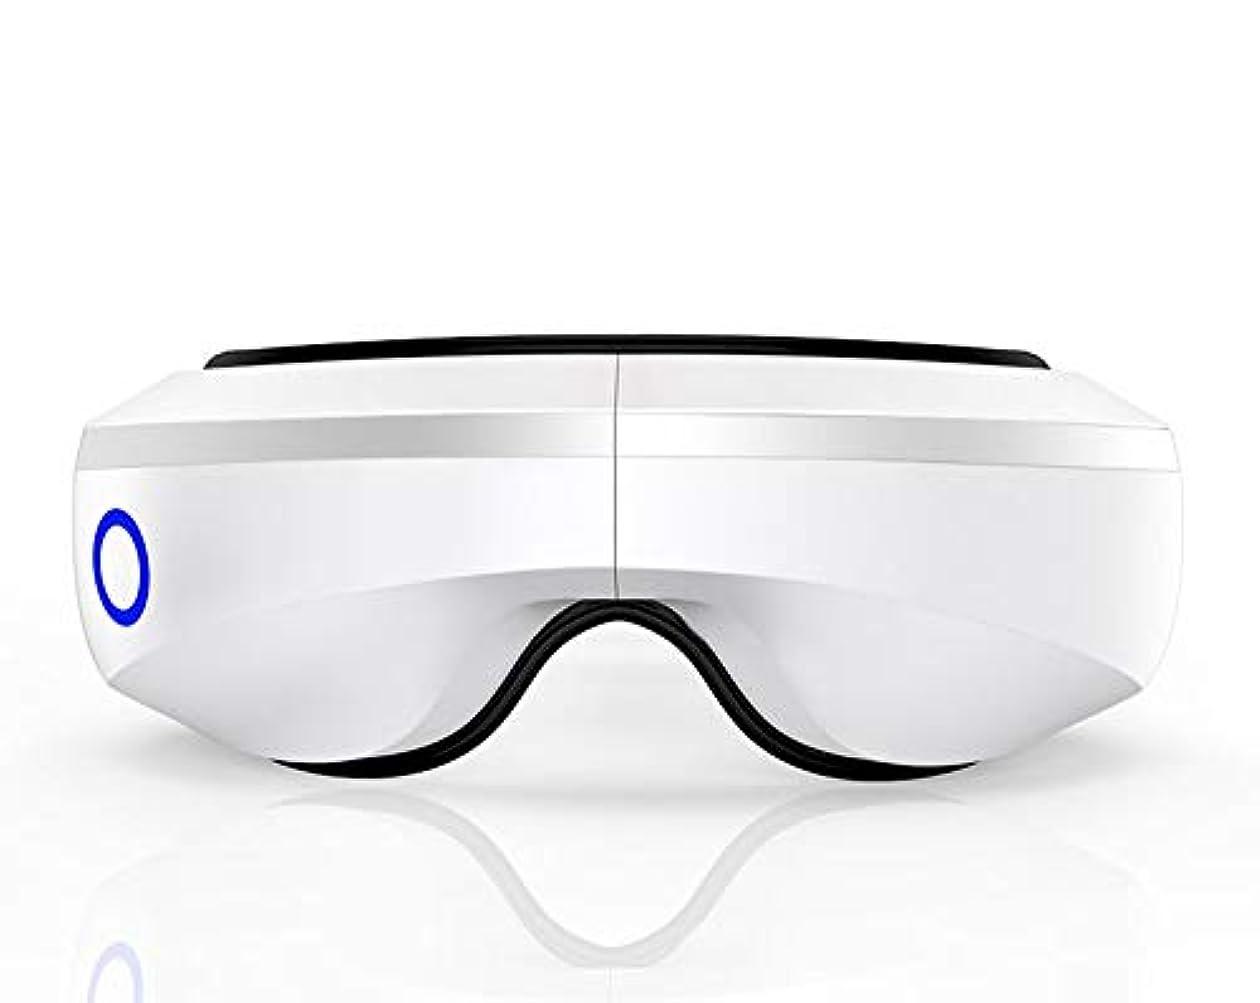 誘う顎スーダン声制御の目器の目のマッサージ器械の音楽振動の空気圧の熱いマッサージの多機能のマッサージャー